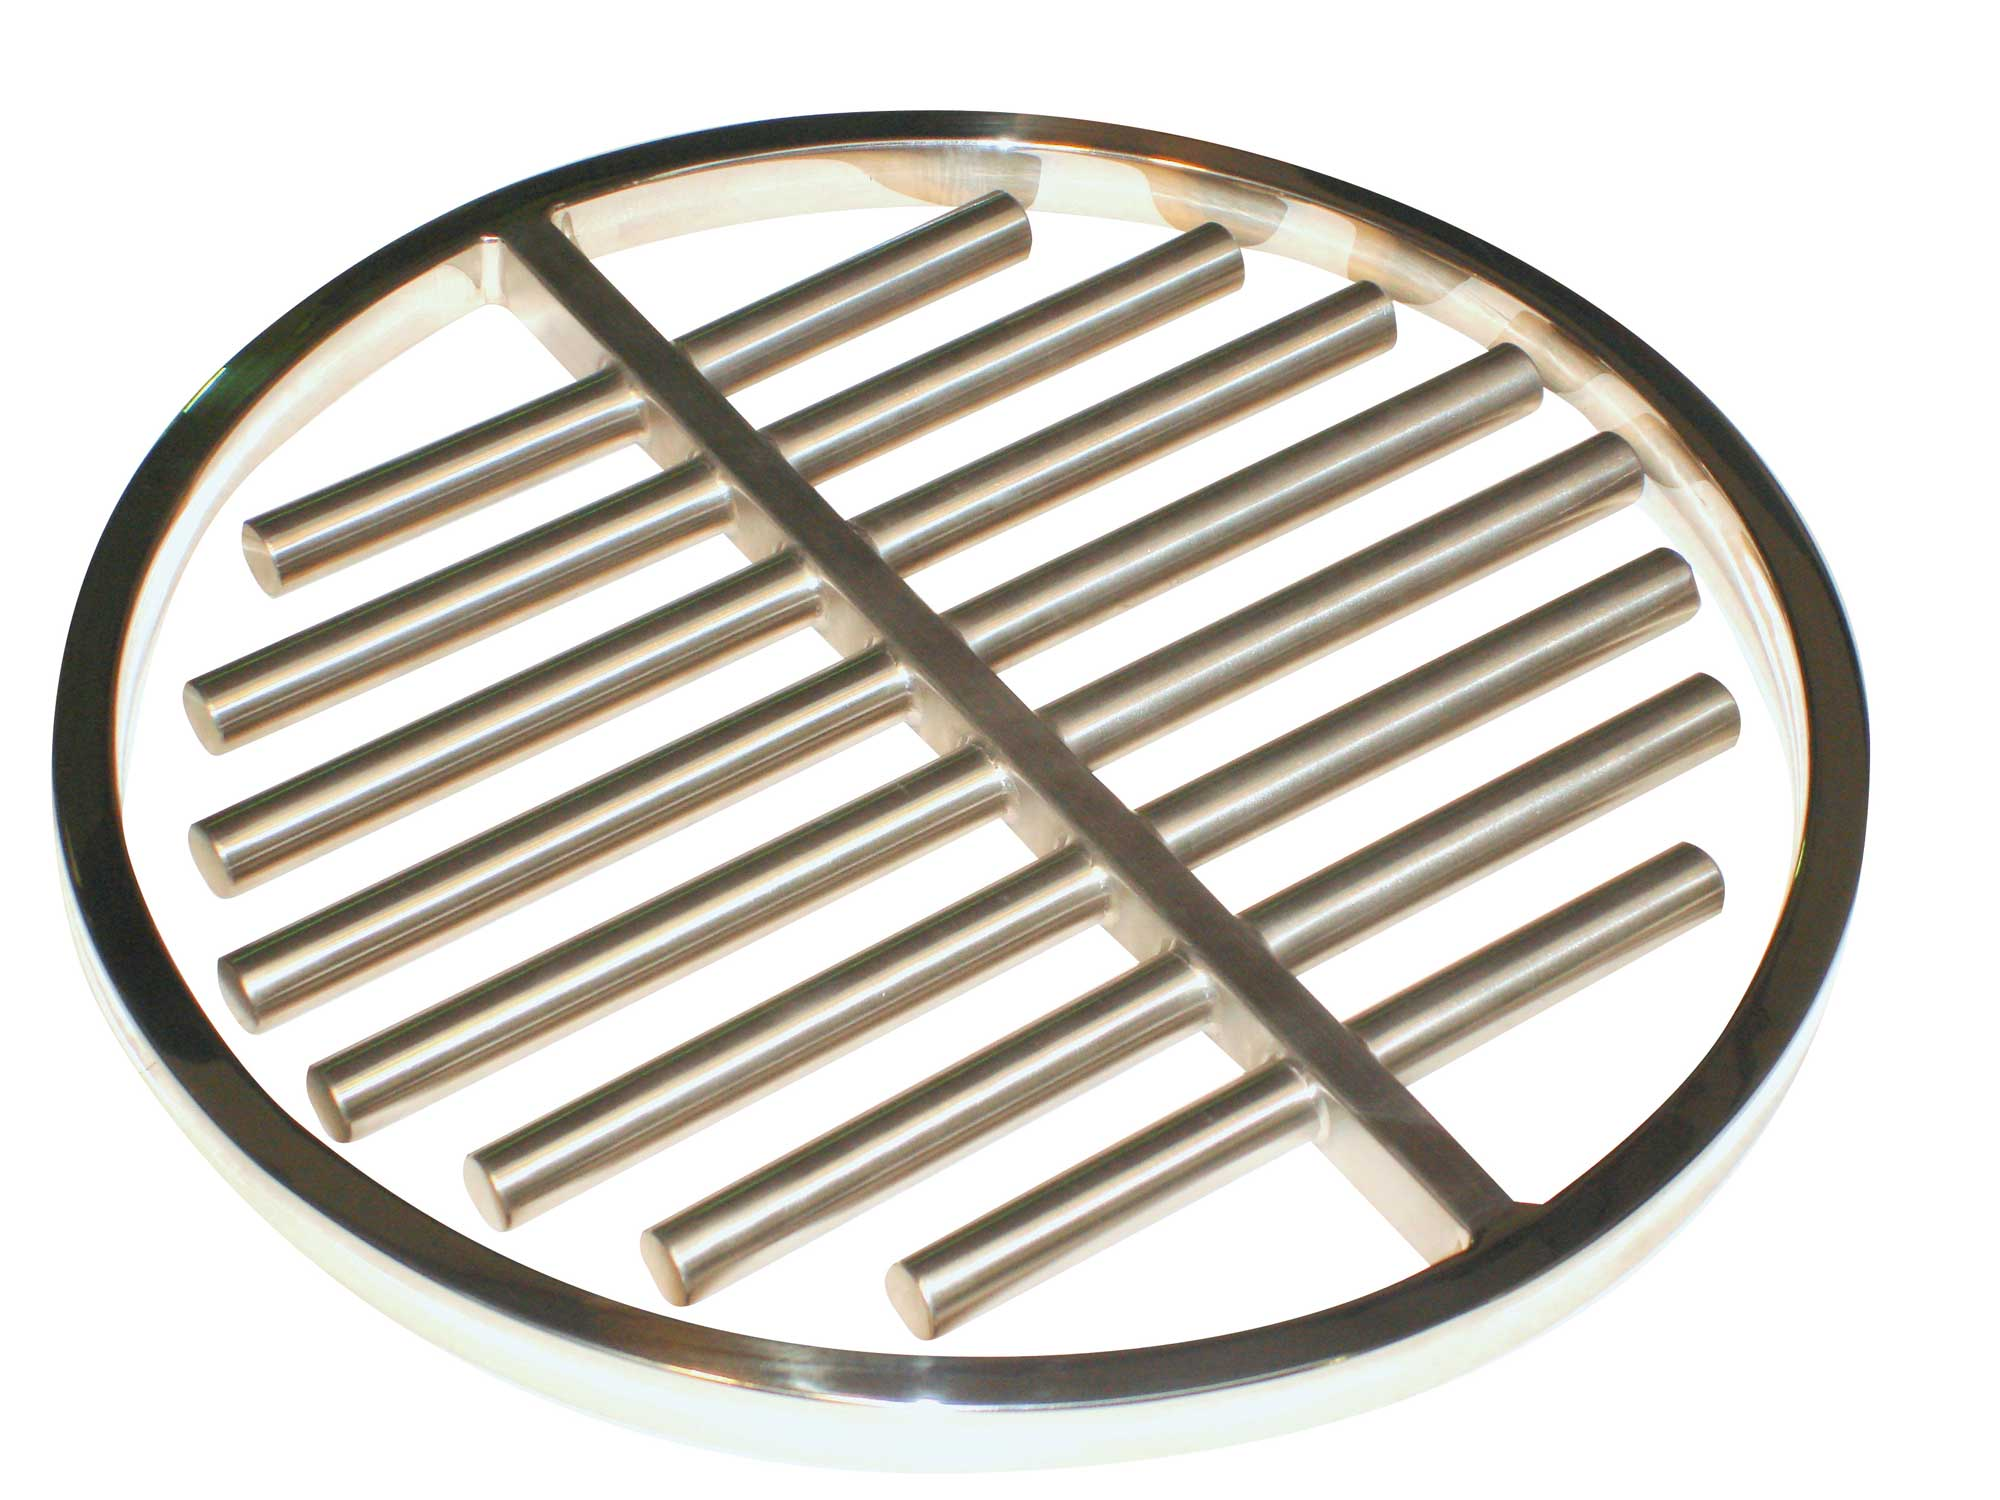 スクリーニングの確認時に鉄汚染を除去する